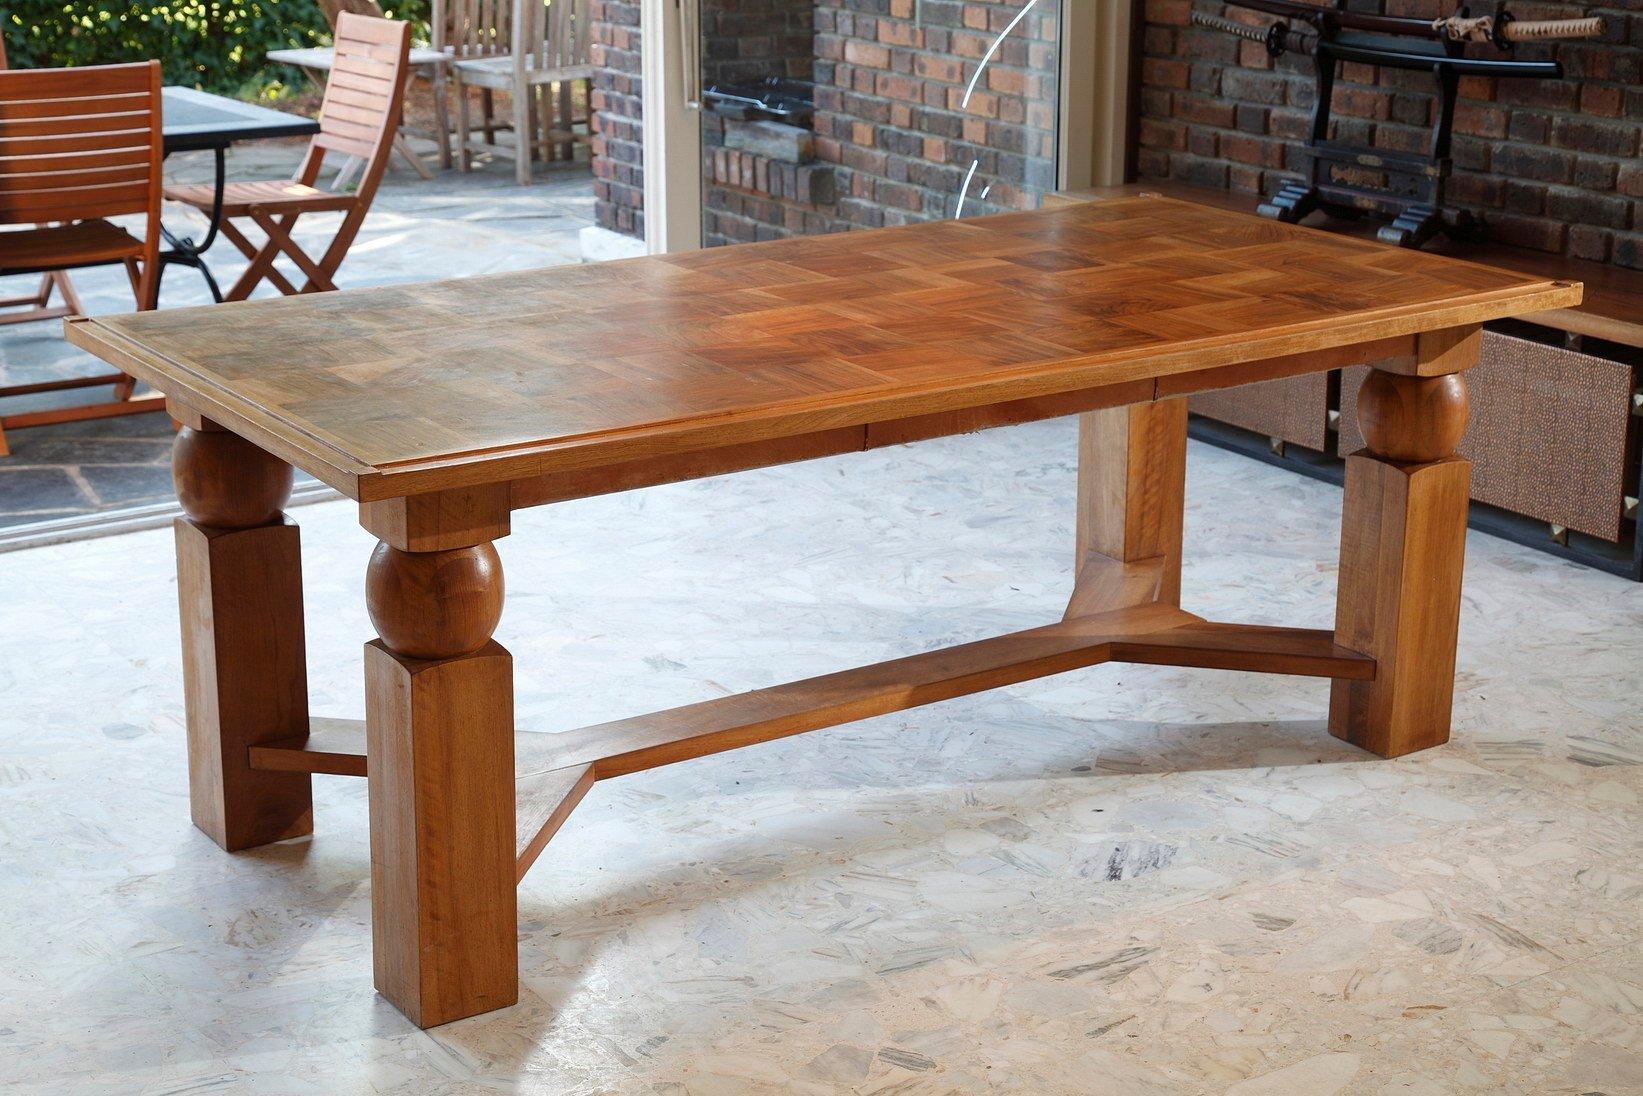 Tavolo da pranzo in legno naturale tavolo allungabile in legno naturale plutone tavolo da - Tavolo legno naturale ...